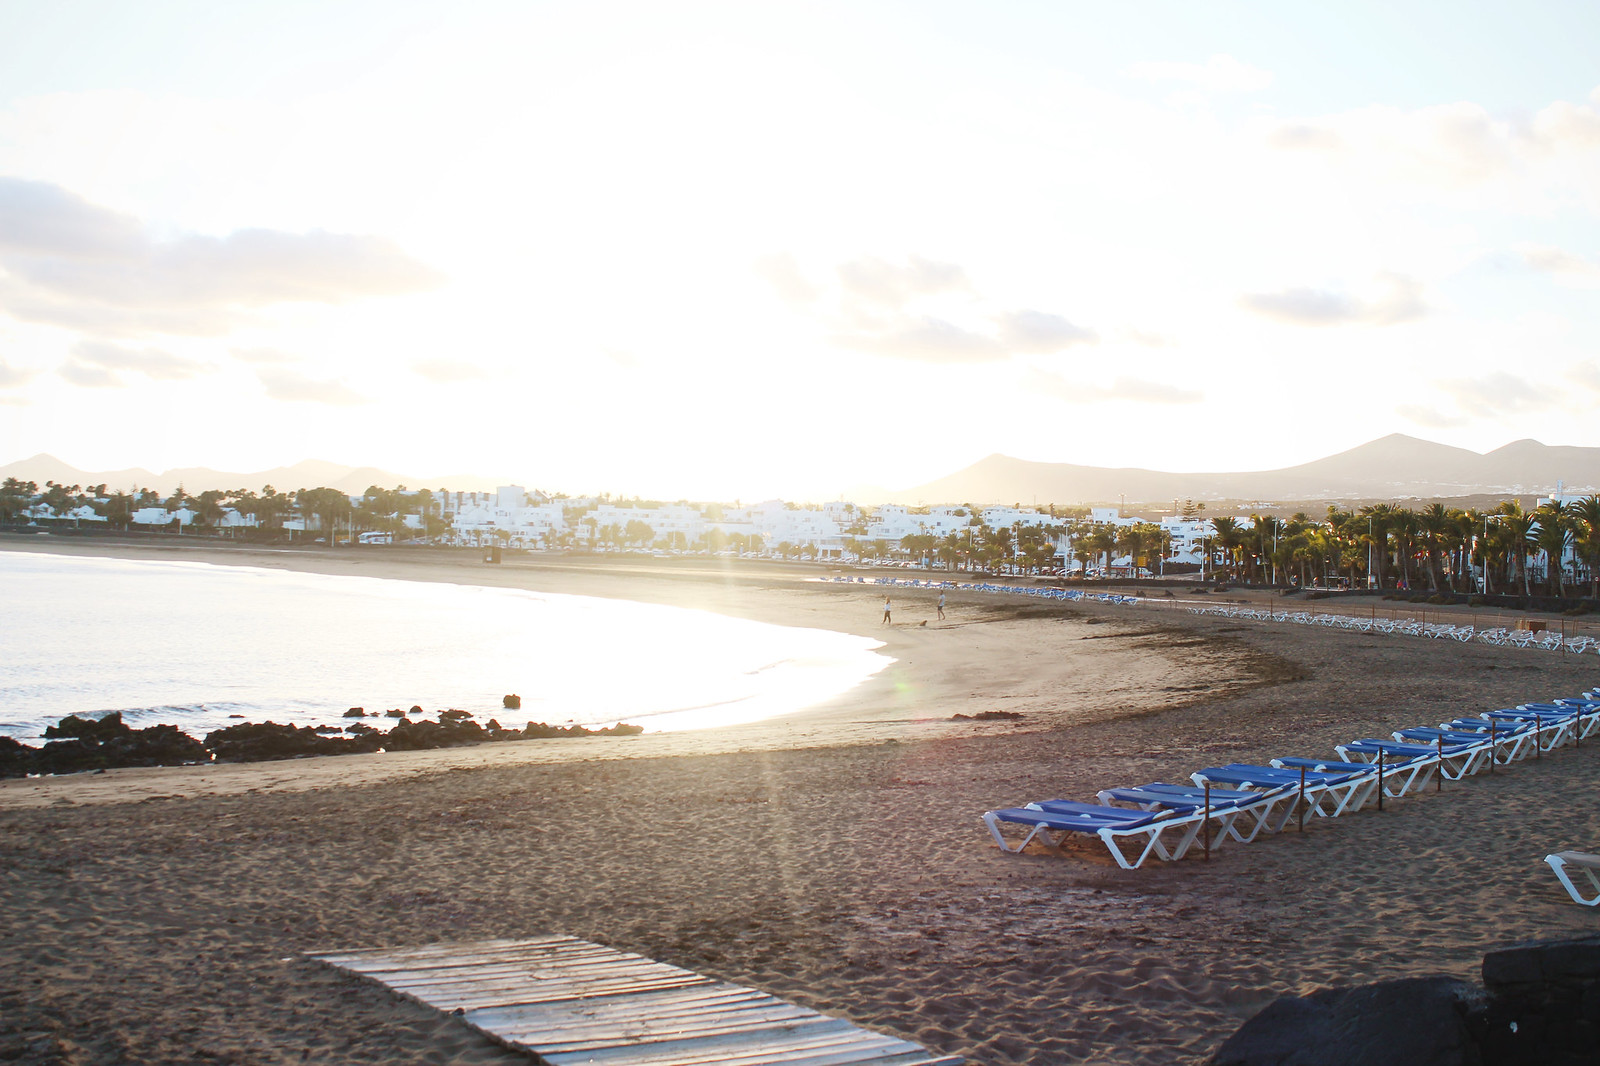 Puerto del Carmen Lanzarote beach